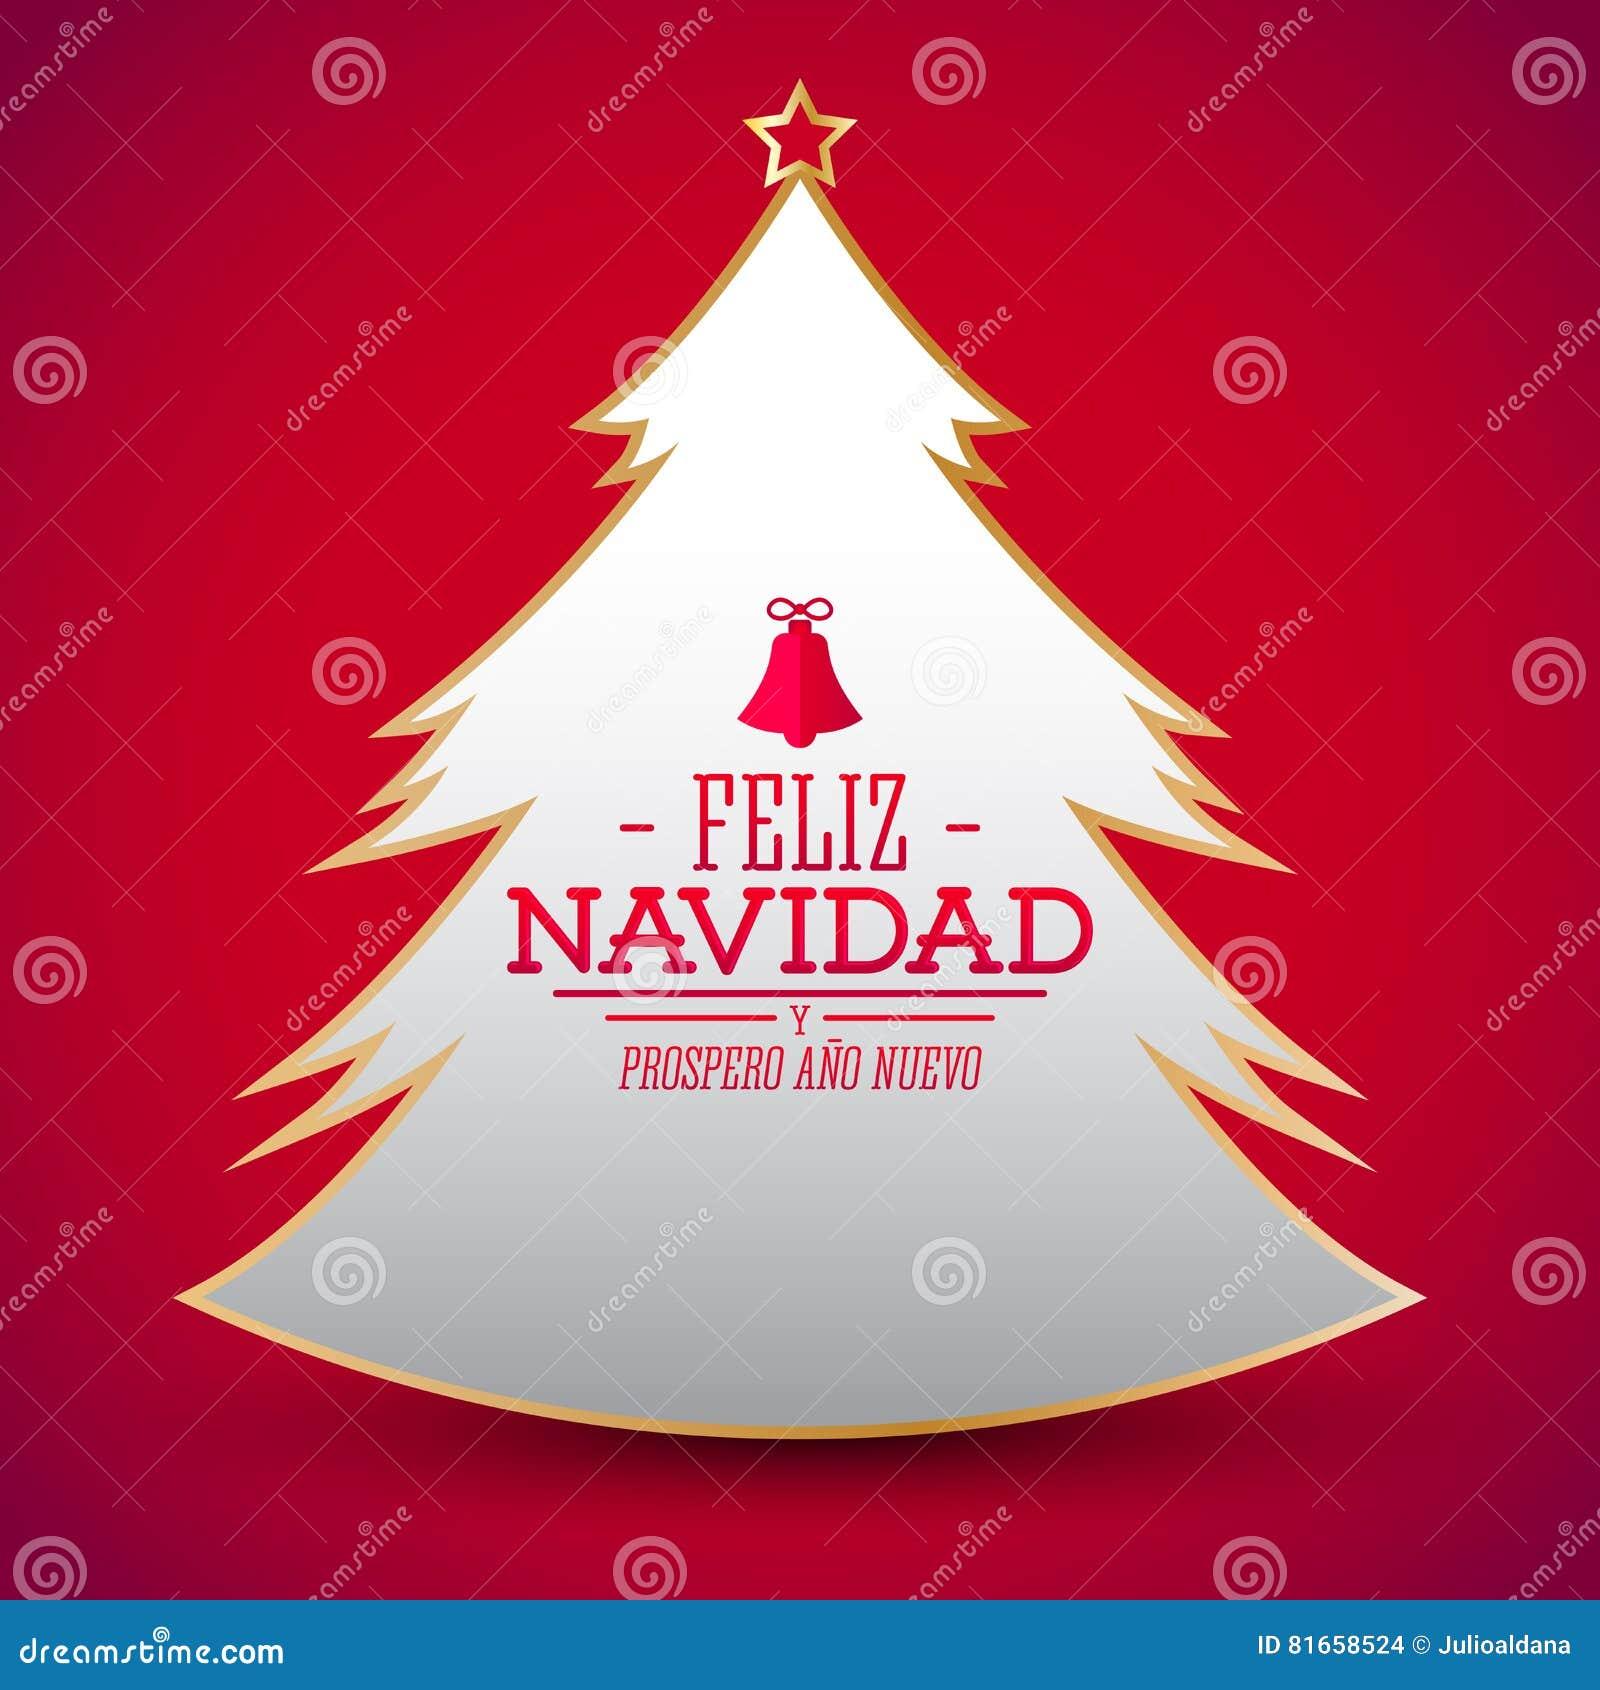 übersetzer Frohe Weihnachten.Prospero Ano Nuevo Feliz Navidads Y Spanische übersetzung Frohe